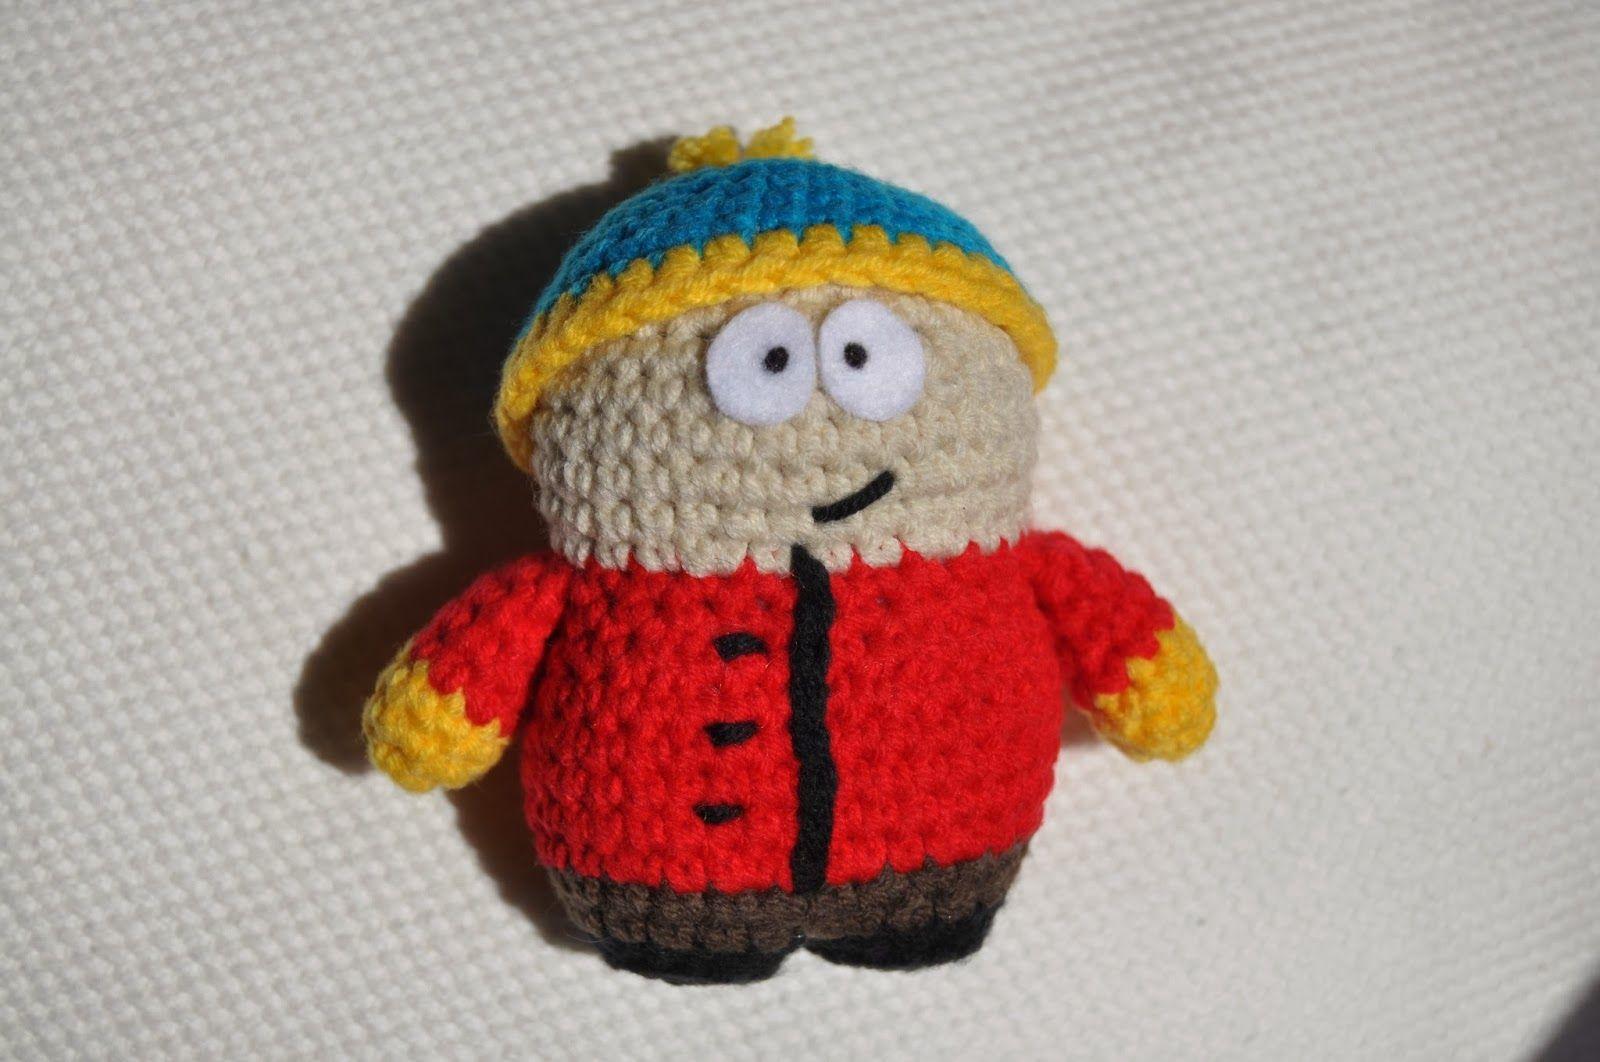 Amigurumi Cartman de South Park Patrón Gratis en Español : http://lavaquitadelanita.blogspot.com.es/2014/02/cartman-de-south-park-patron.html?m=1